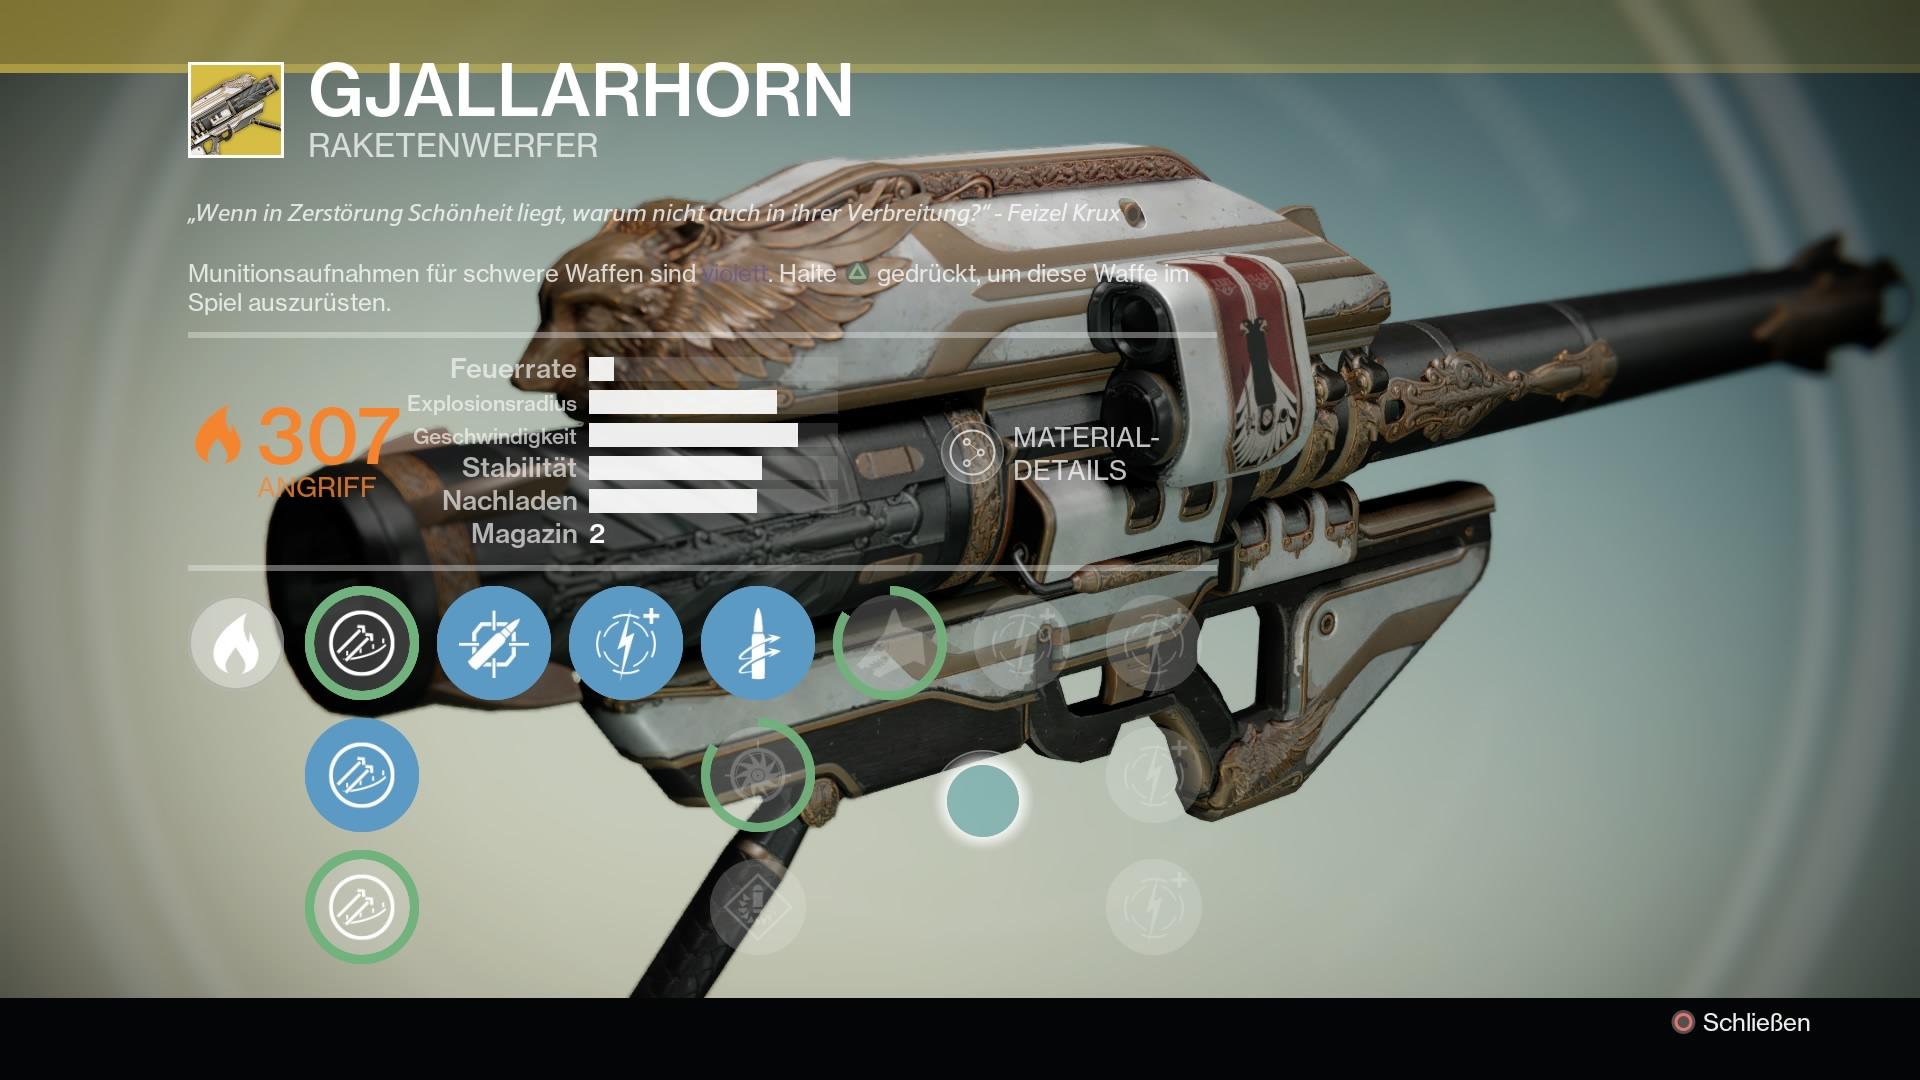 Ich muss es haben! Argh! Das Gjallarhorn ist die wohl beste Waffe in Destiny.